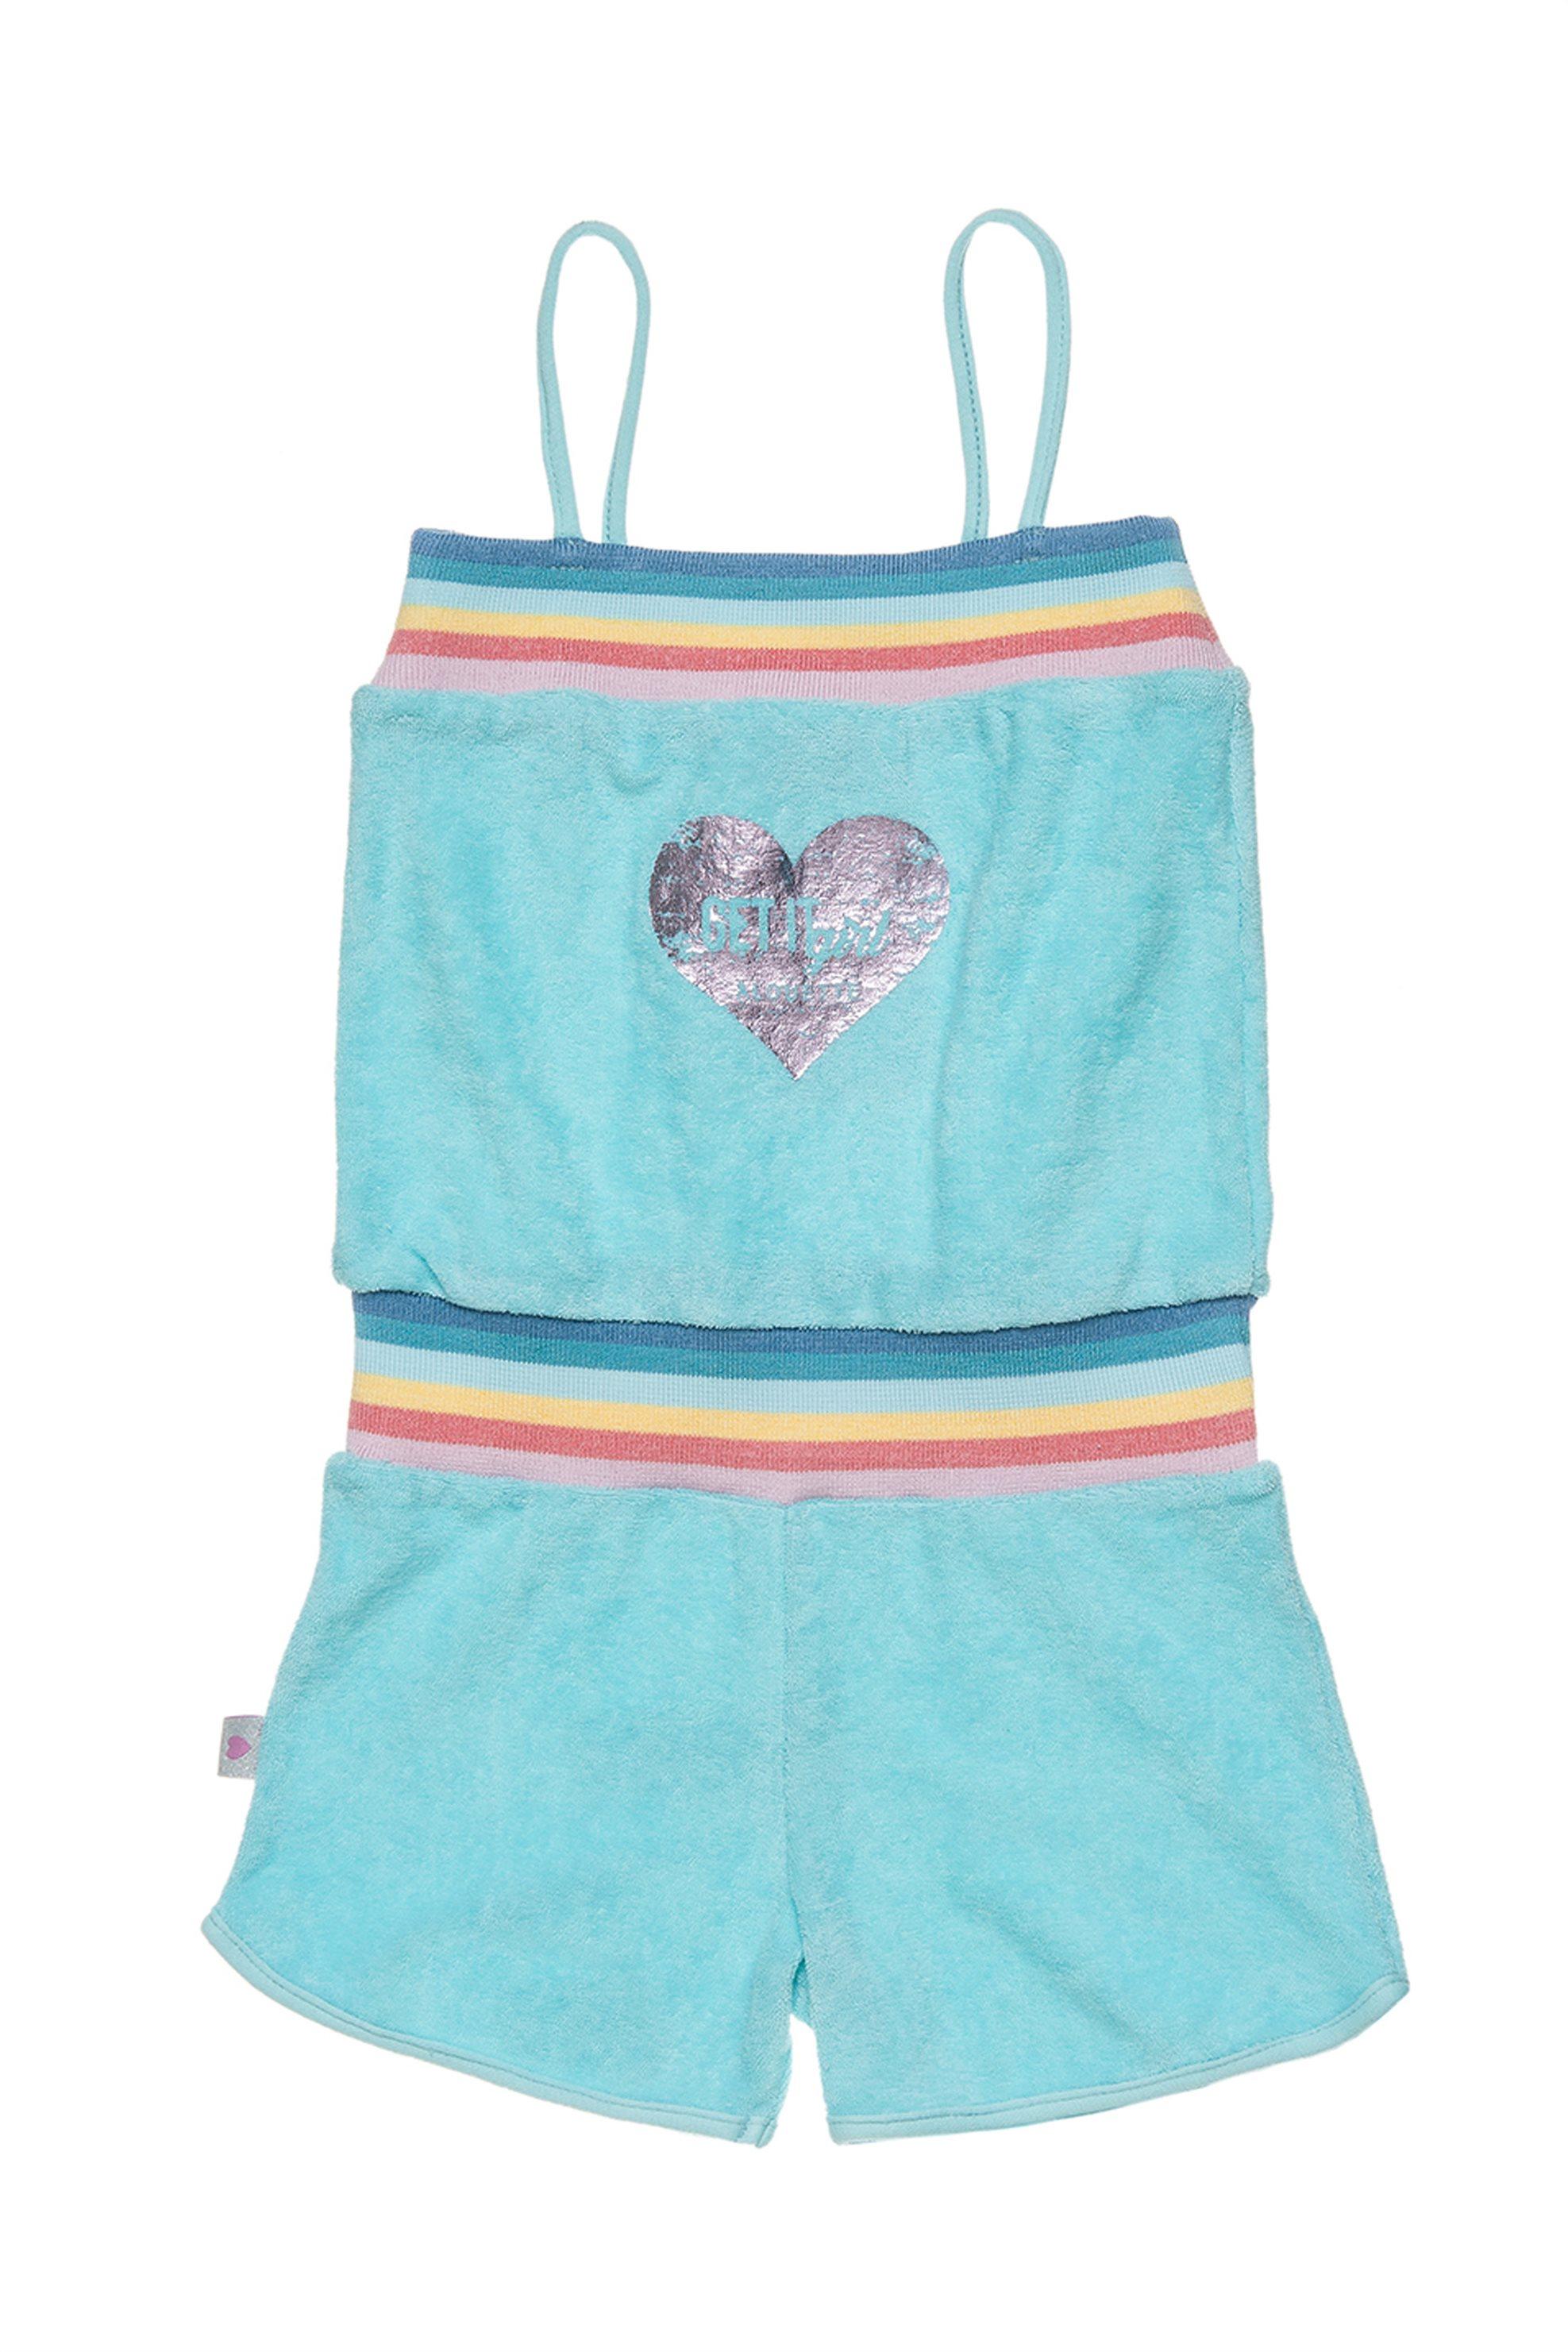 Παιδική σαλοπέτα με print καρδιά Alouette - 00912791 - Βεραμάν παιδι   κοριτσι   4 14 ετων   tops   παντελόνια   σαλοπέτες